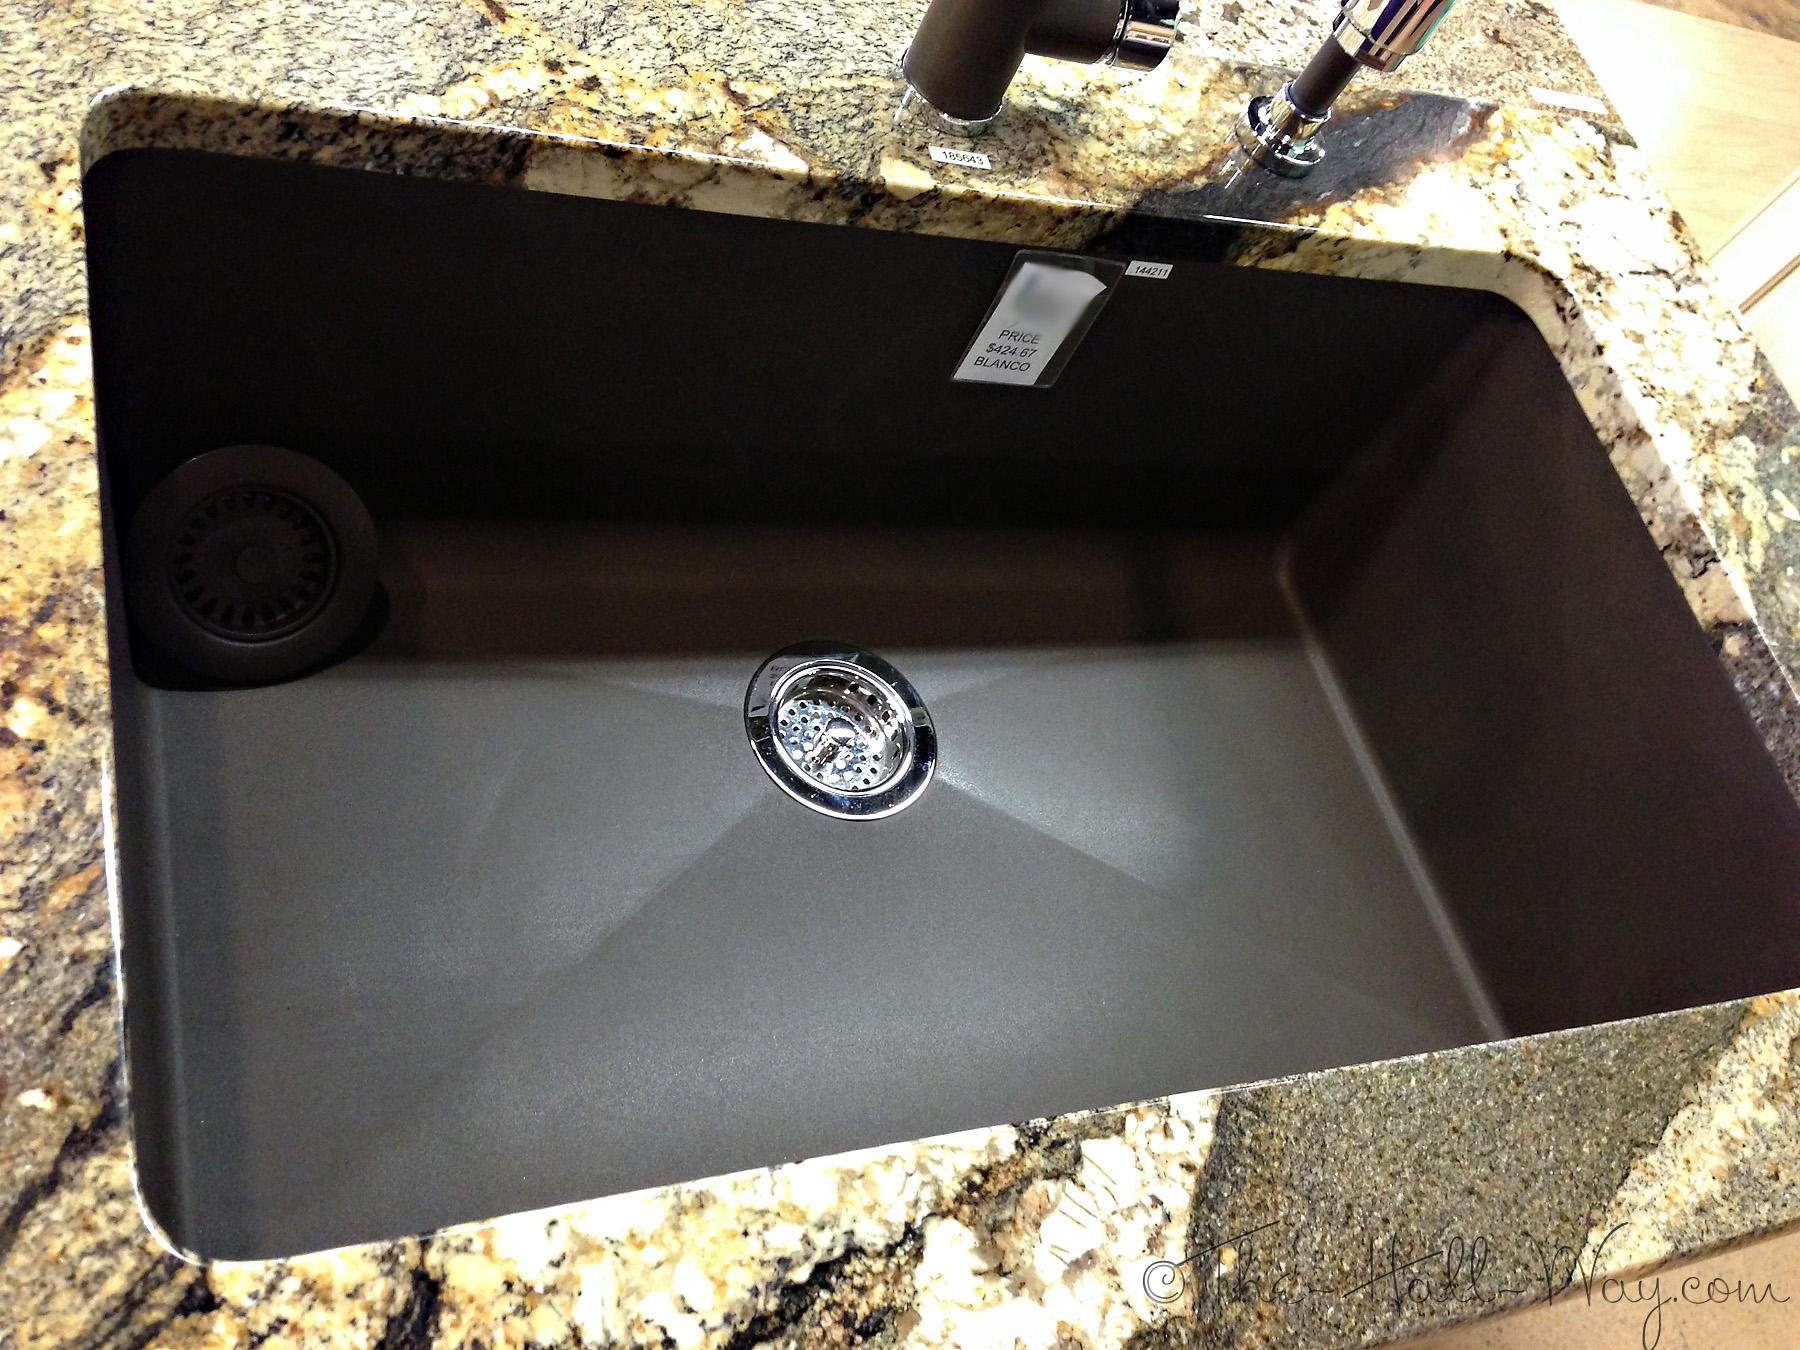 interior bathroom furniture kitchen kitchen sinks denver dark brown granite direct quartz composite sinks design on marble composite sink cleaning composite sinks reviews homedesign121